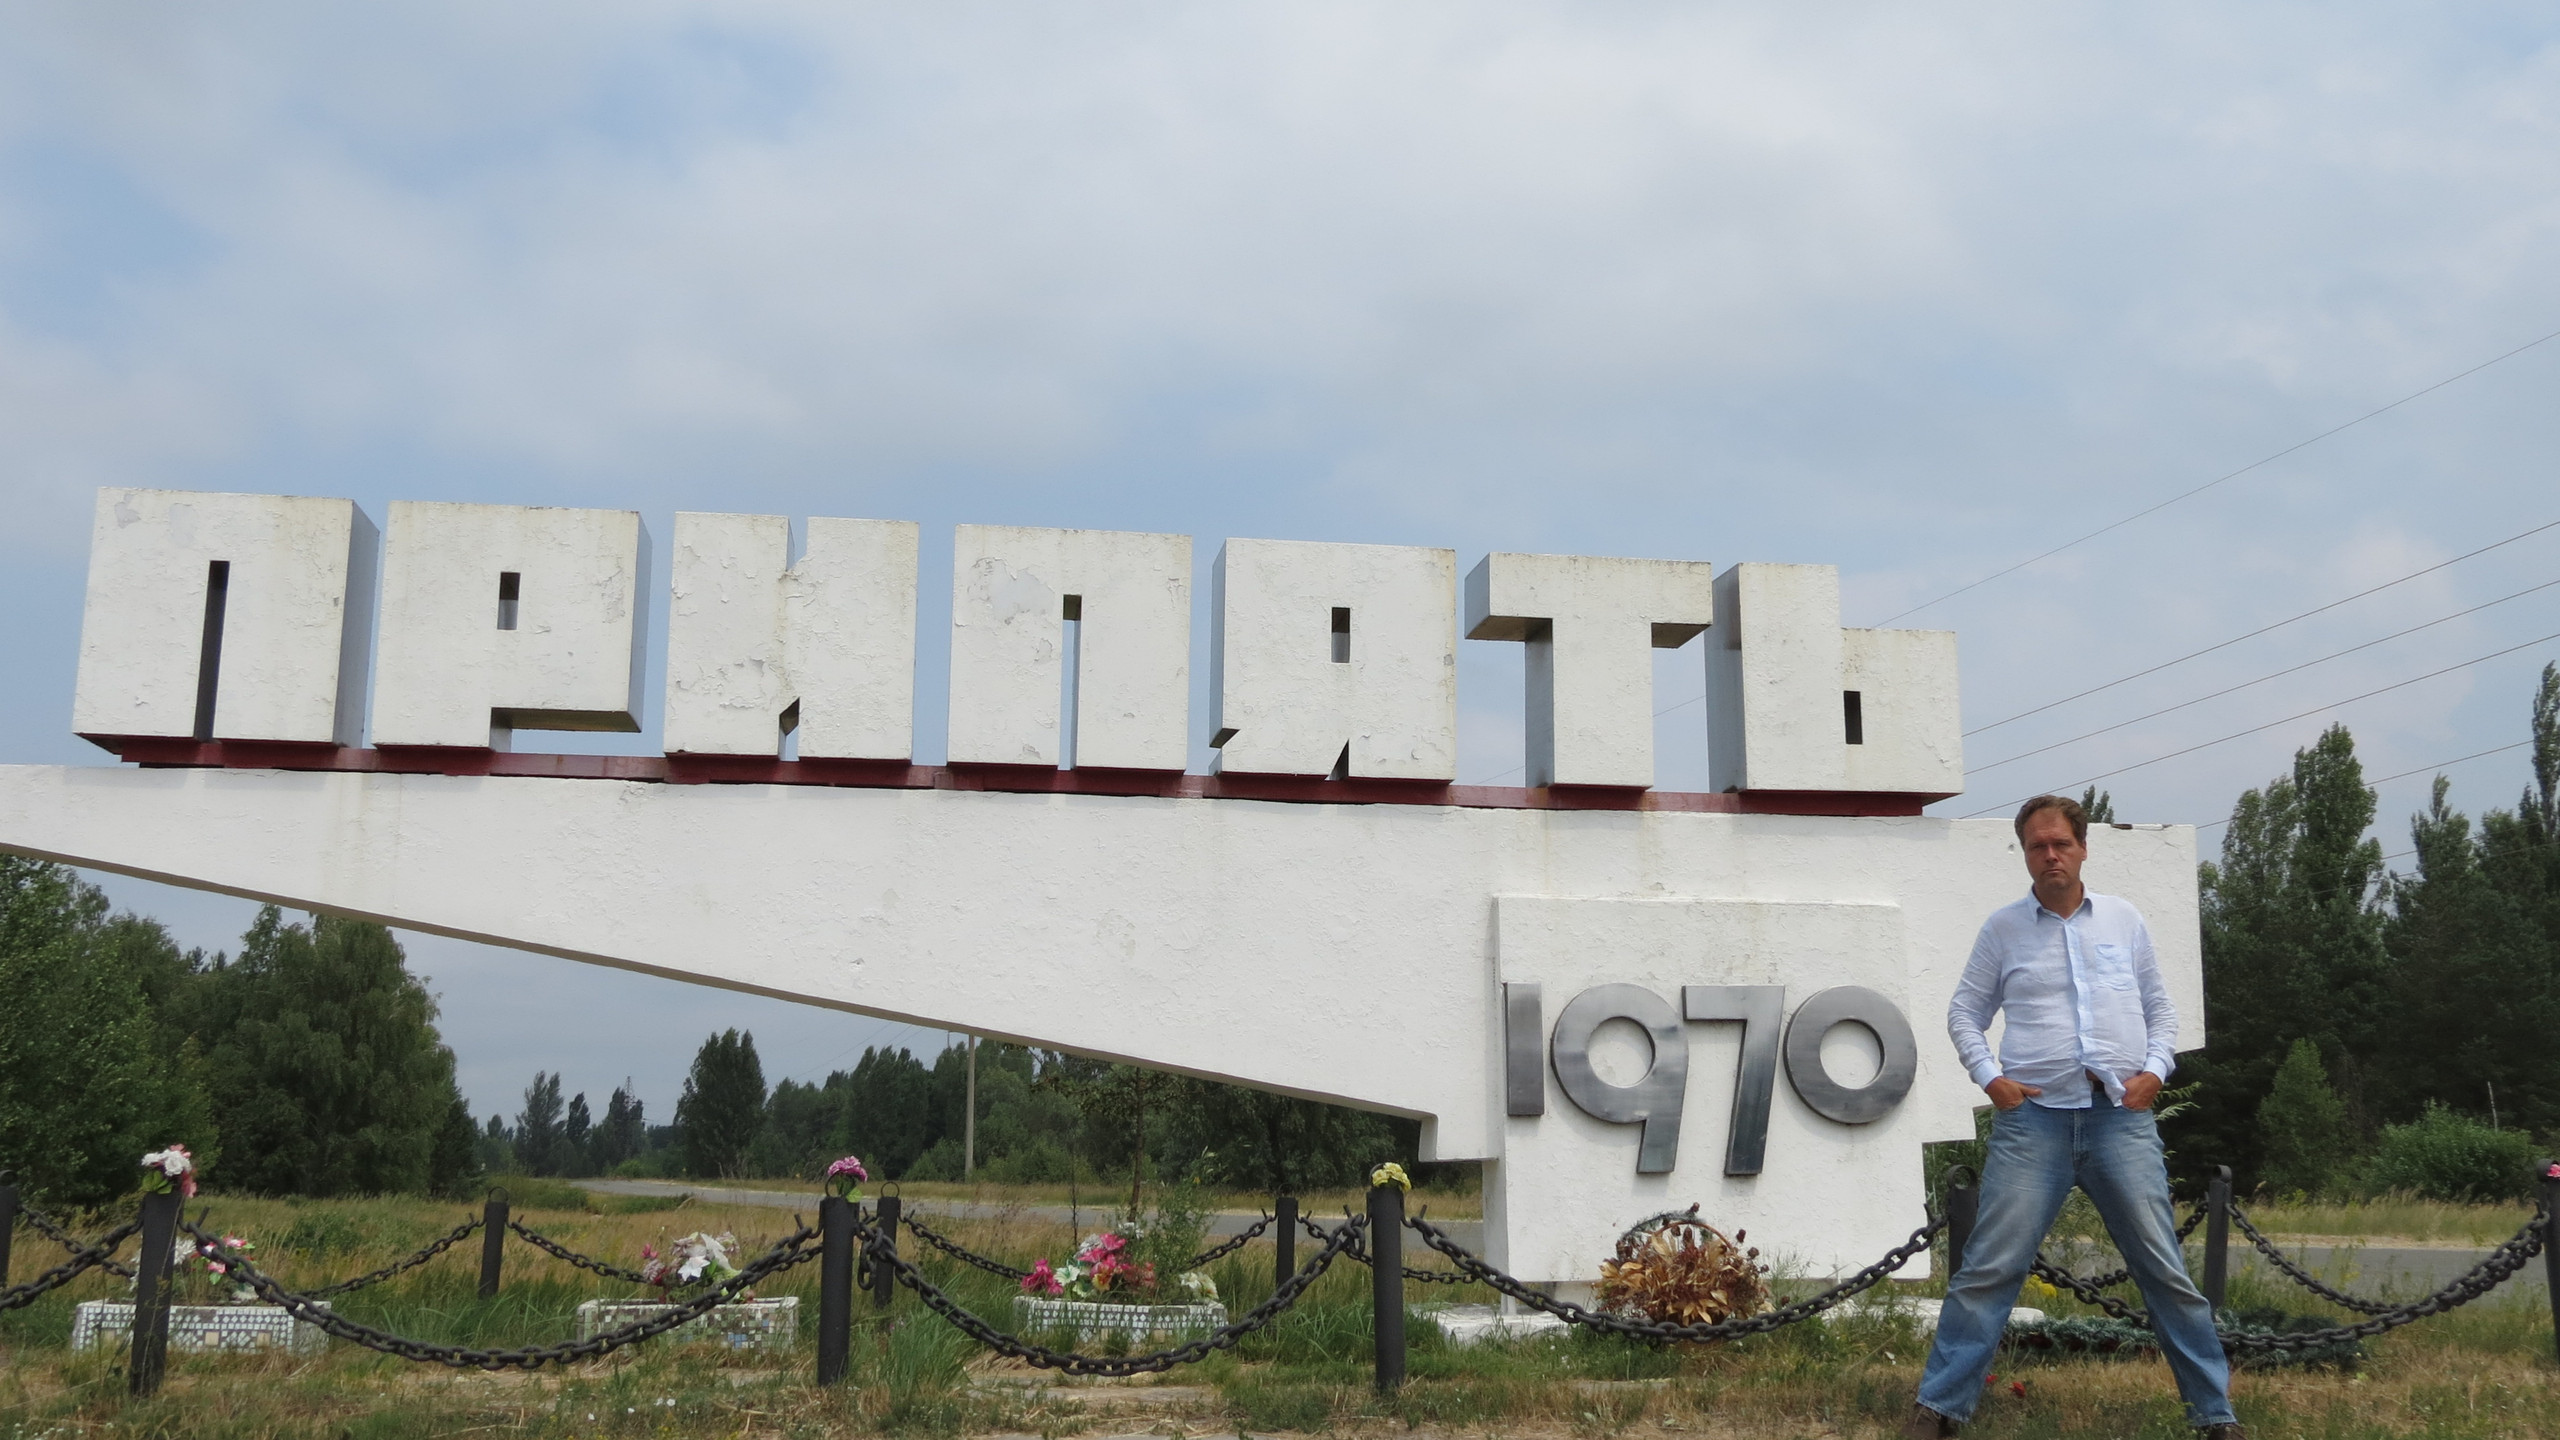 315 - Chernobyl